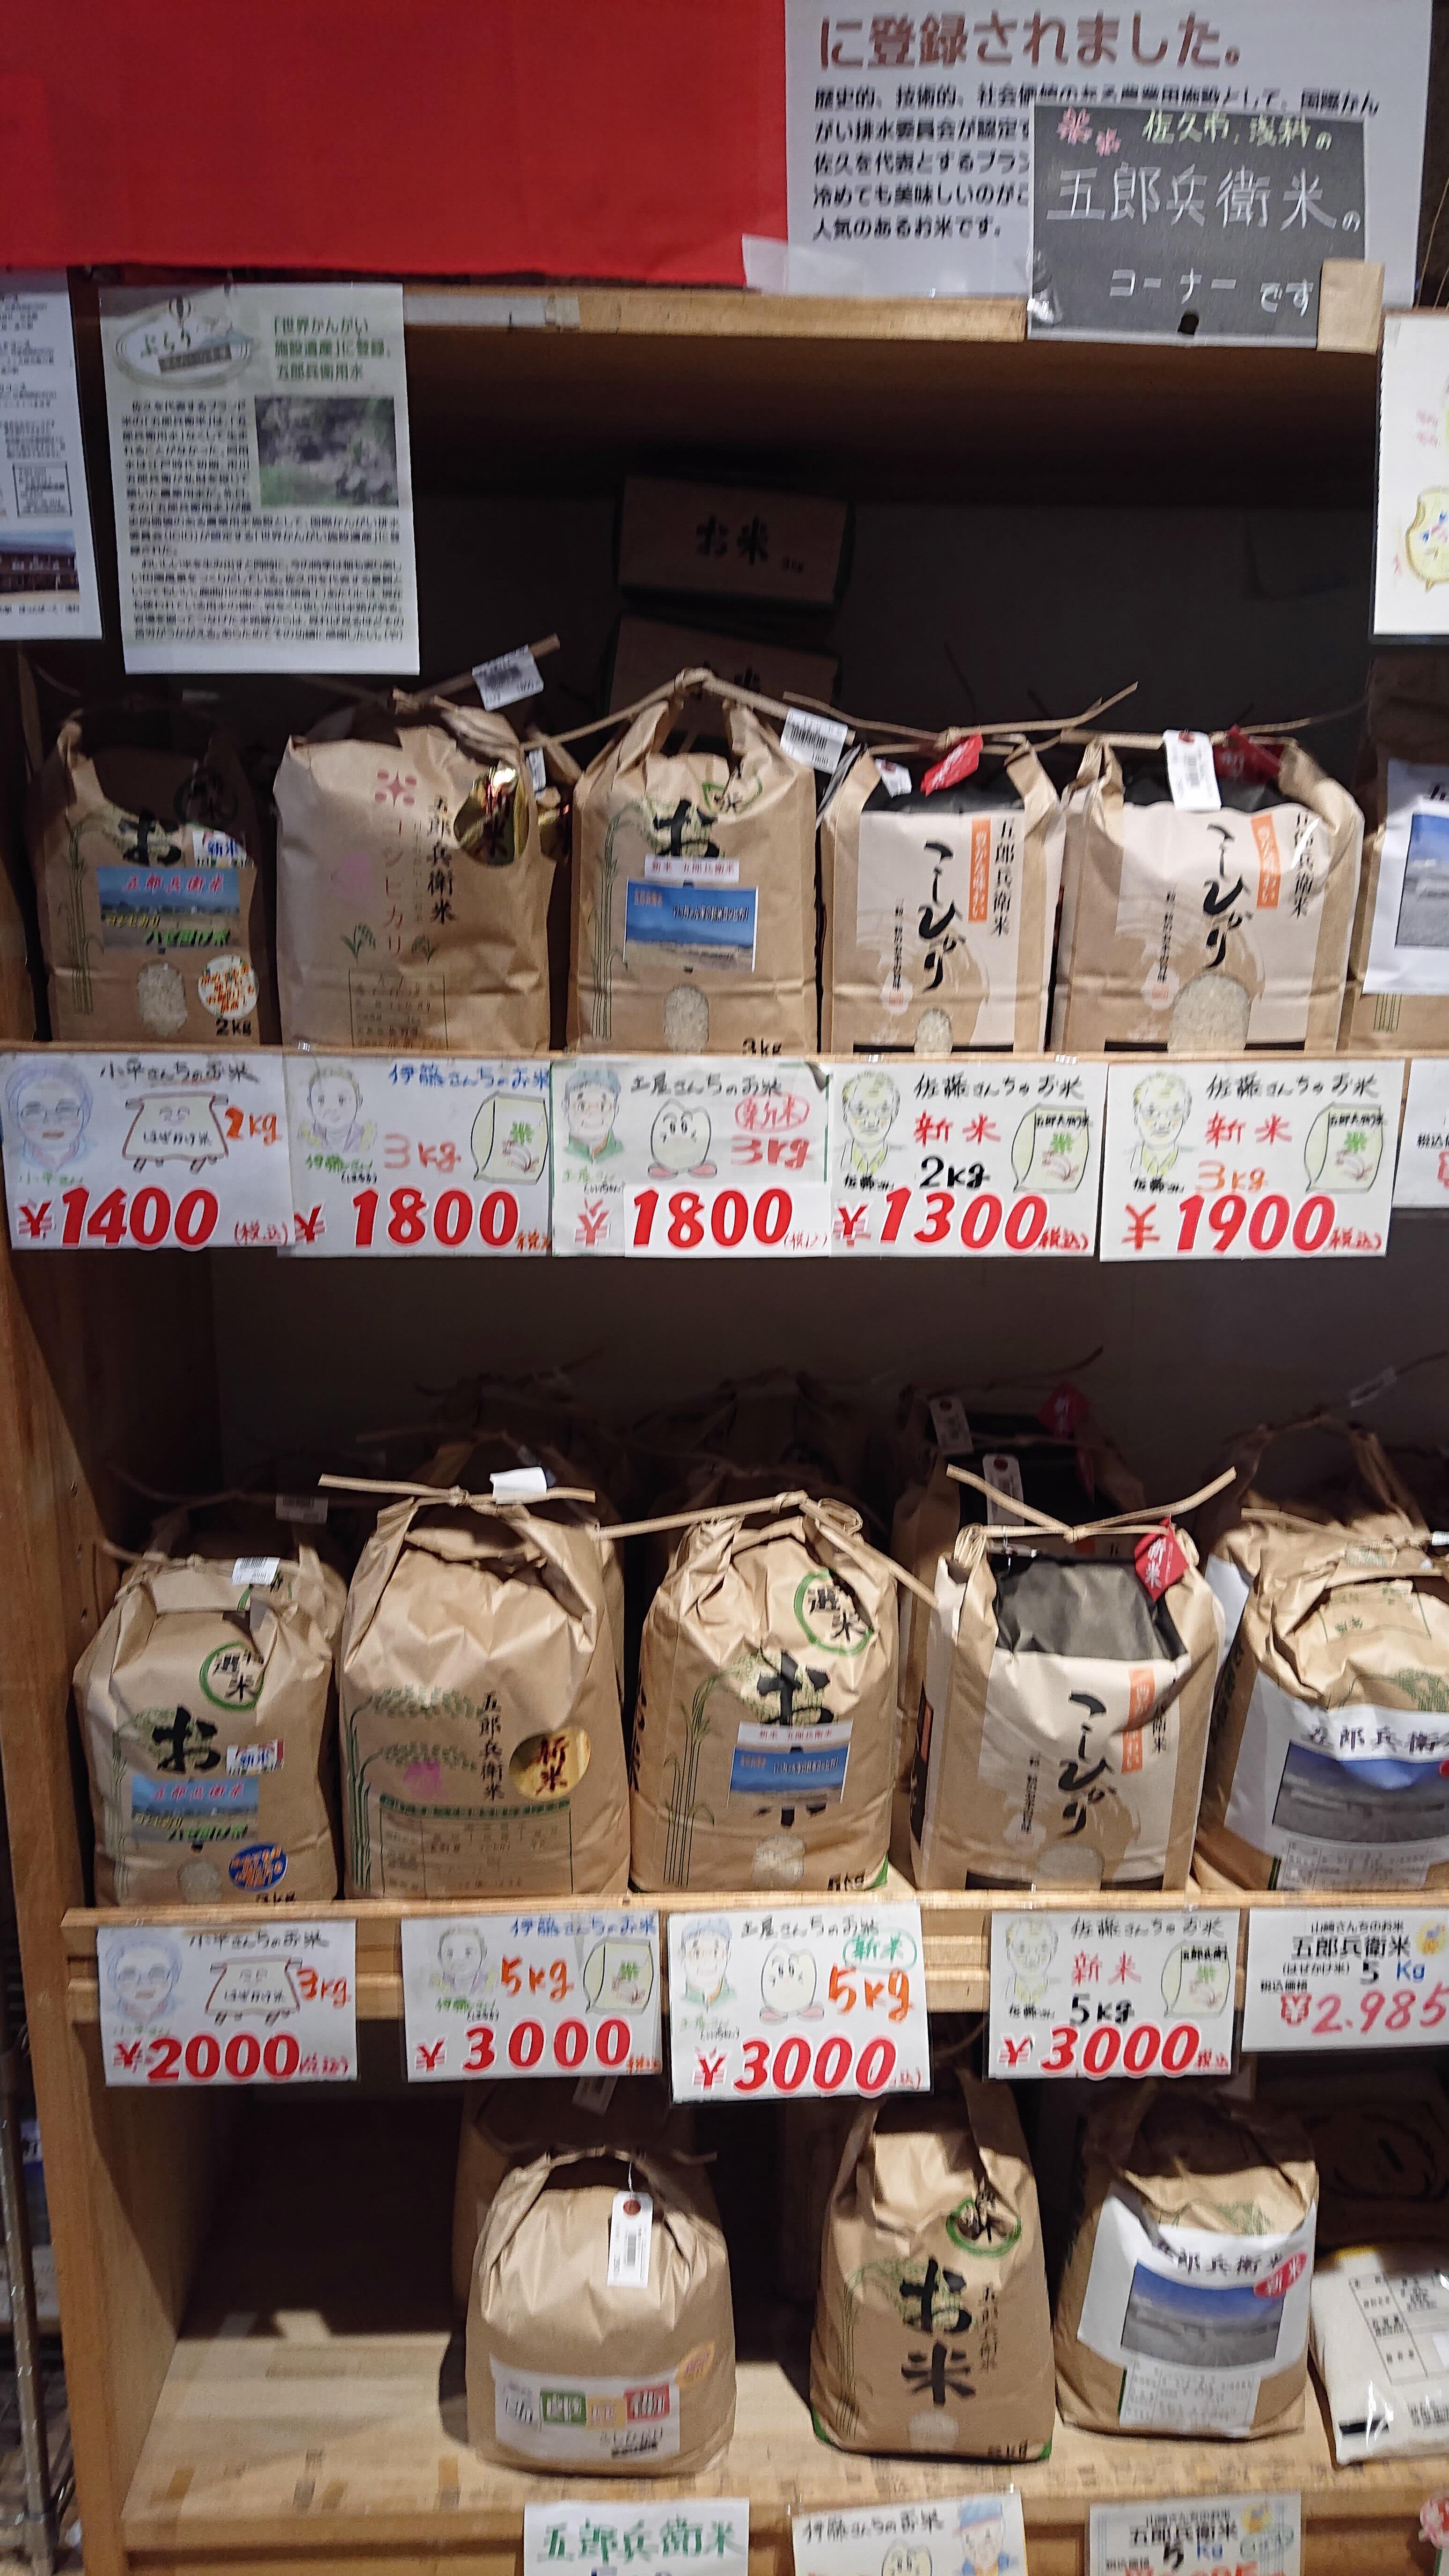 http://www.sakukankou.jp/sightseeing/%E4%BA%94%E9%83%8E%E5%85%B5%E8%A1%9B%E7%B1%B3.jpg